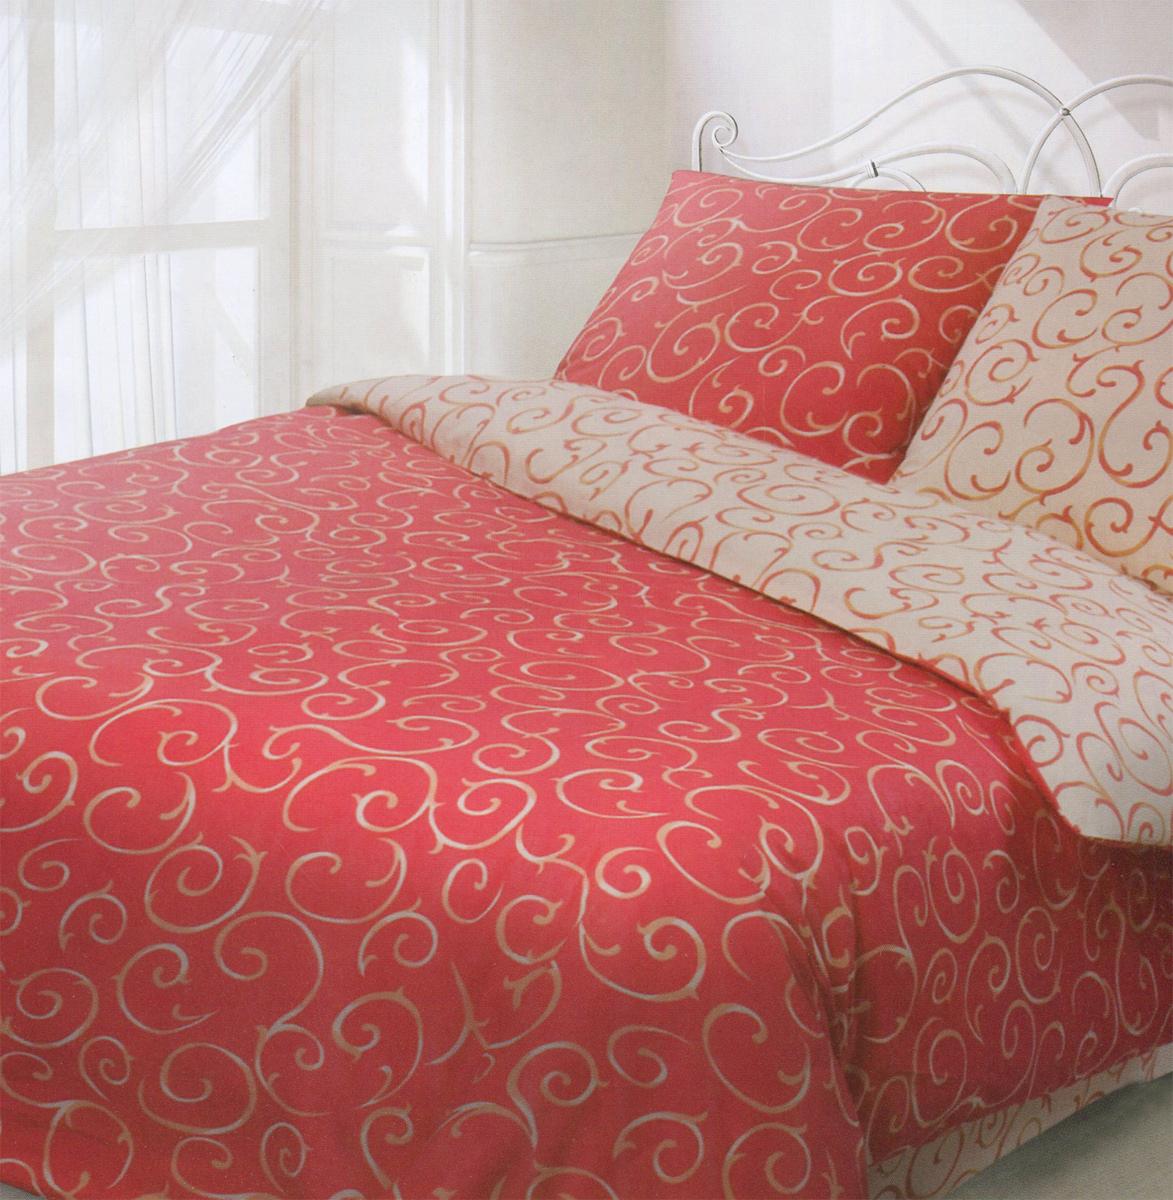 Комплект белья Гармония Барокко, евро, наволочки 70x70, цвет: красный, бежевый221000Комплект постельного белья Гармония Барокко является экологически безопасным, так как выполнен из поплина (100% хлопок). Комплект состоит из пододеяльника, простыни и двух наволочек. Постельное белье оформлено оригинальным орнаментом и имеет изысканный внешний вид.Постельное белье Гармония - лучший выбор для современной хозяйки! Его отличают демократичная цена и отличное качество.Гармония производится из поплина - 100% хлопковой ткани. Поплин мягкий и приятный на ощупь. Кроме того, эта ткань не требует особого ухода, легко стирается и прекрасно держит форму. Высококачественные красители, которые используются при производстве постельного белья, экологичны и сохраняют свой цвет даже после многочисленных стирок.Благодаря высокому качеству ткани и европейским стандартам пошива постельное белье Гармония будет радовать вас долгие годы!